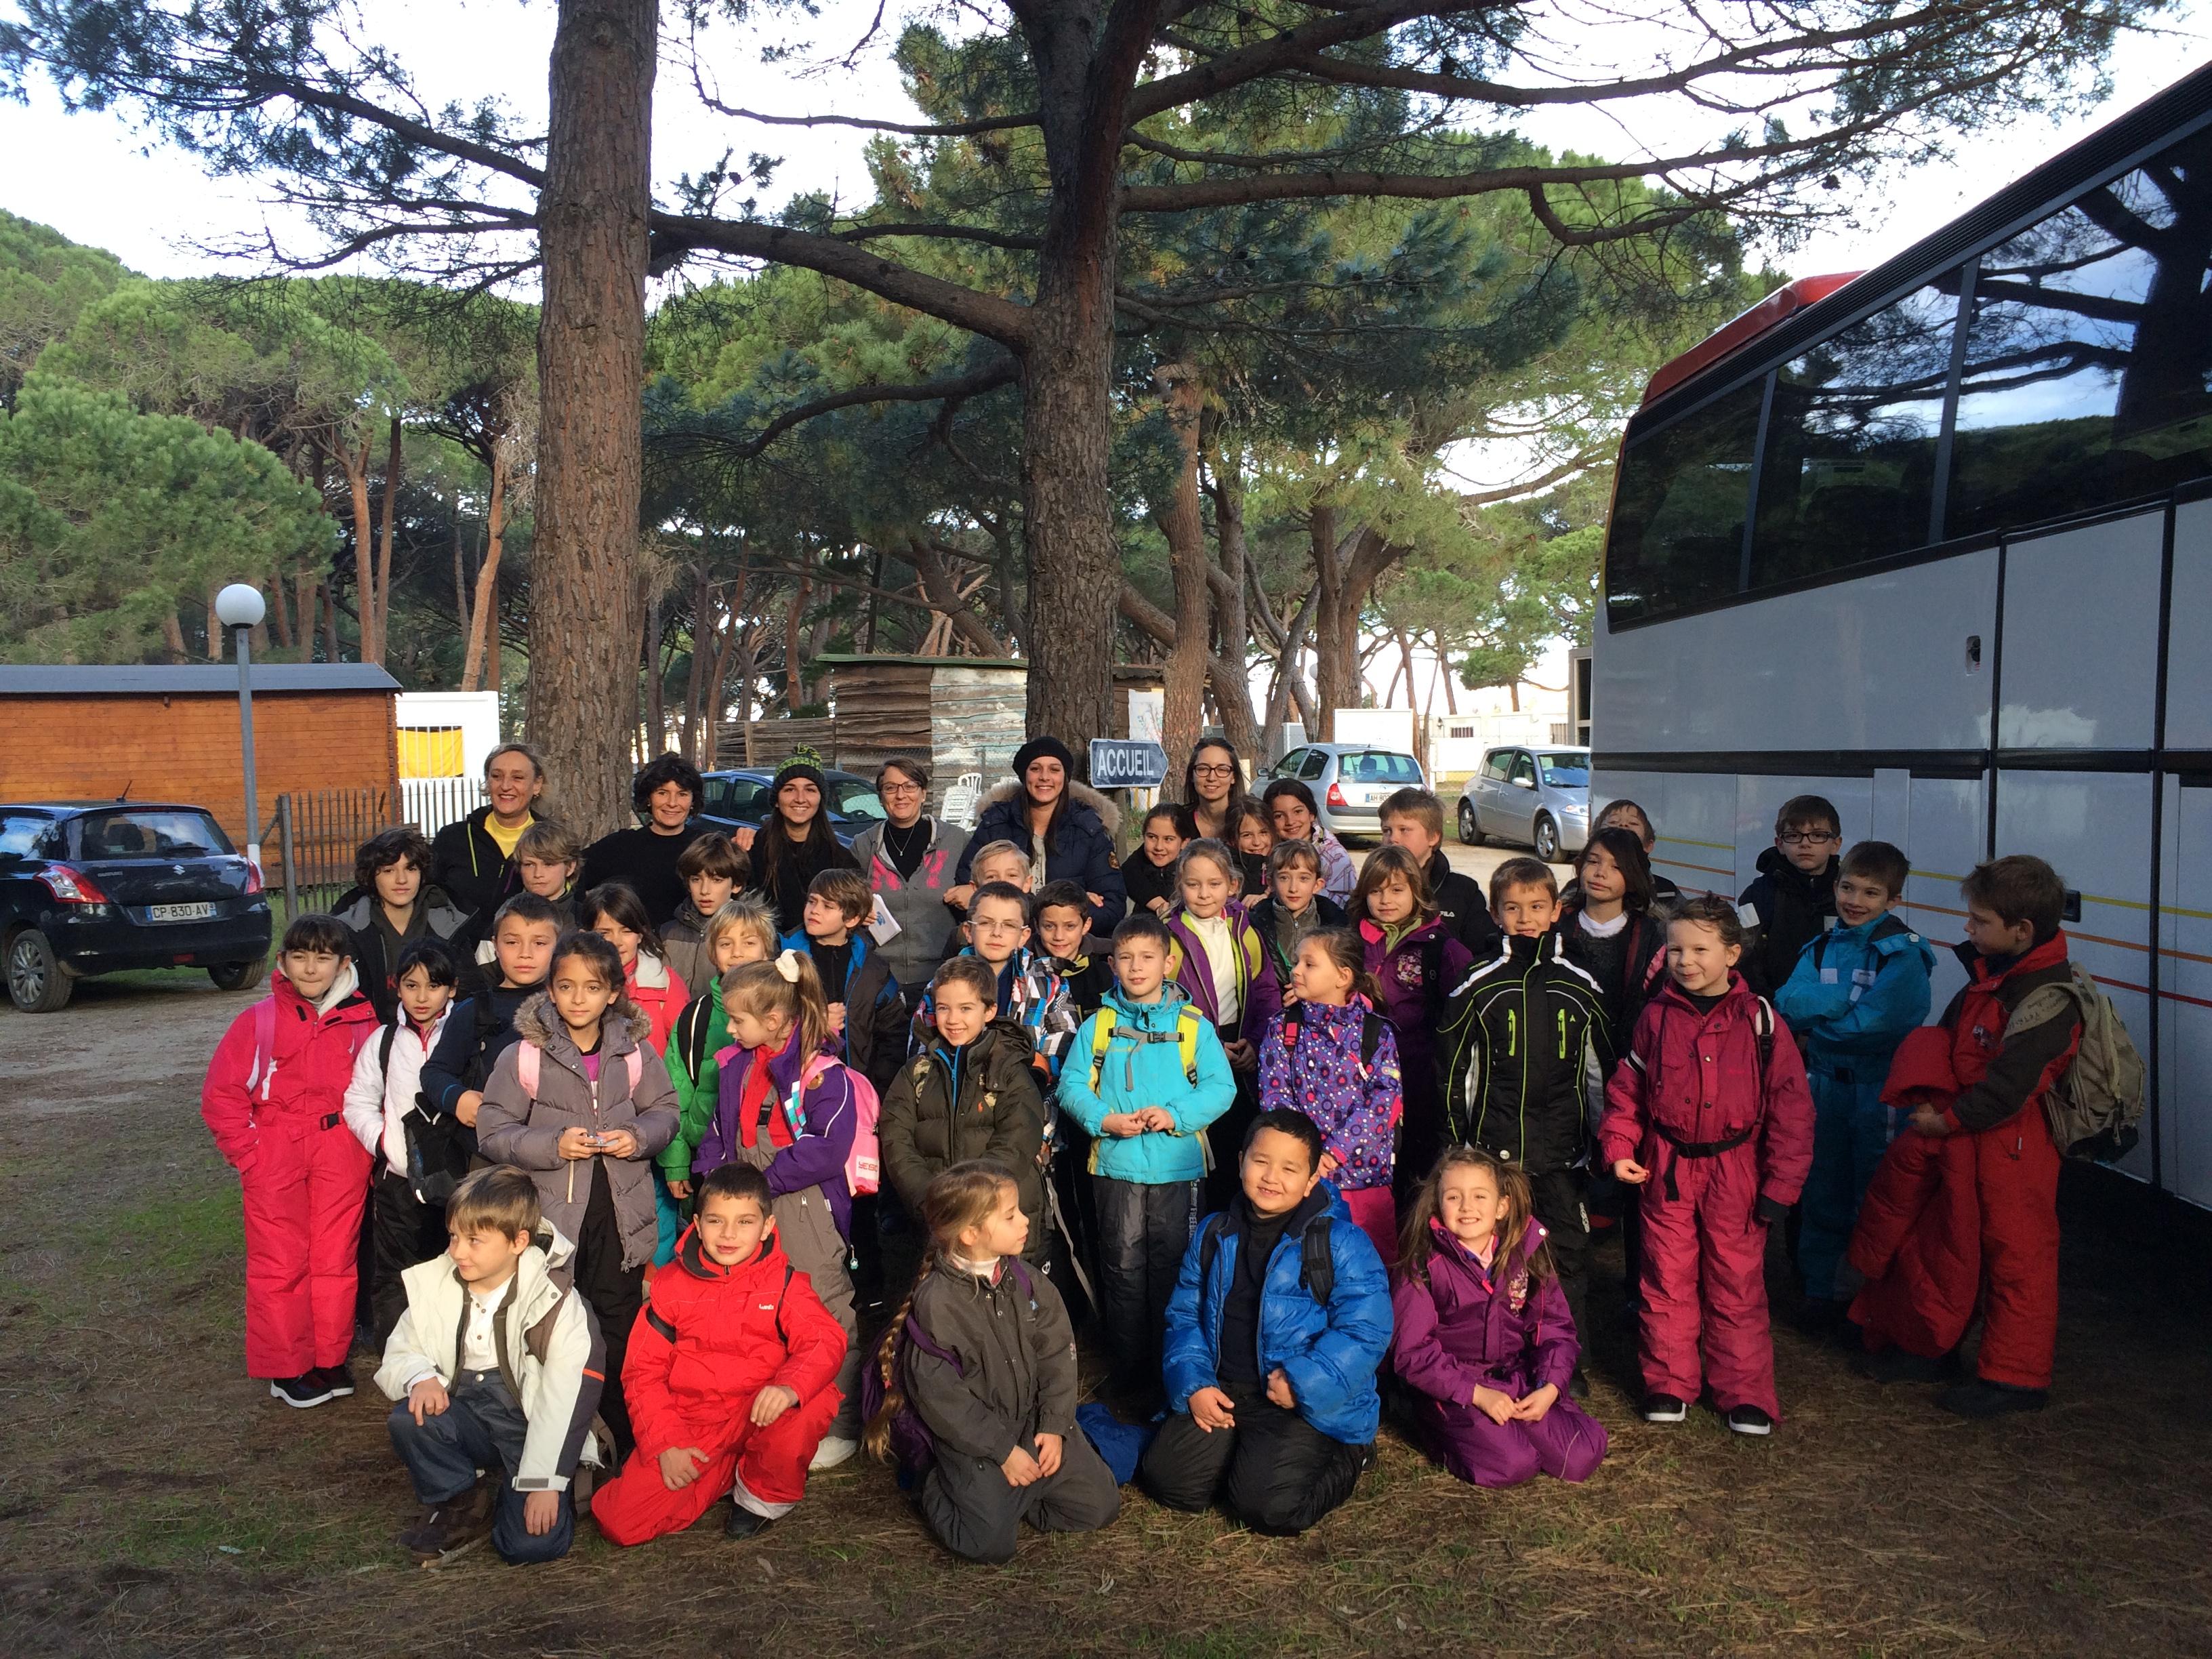 Séjour à Asco pour un groupe d'enfants de l'ALSH de Calvi